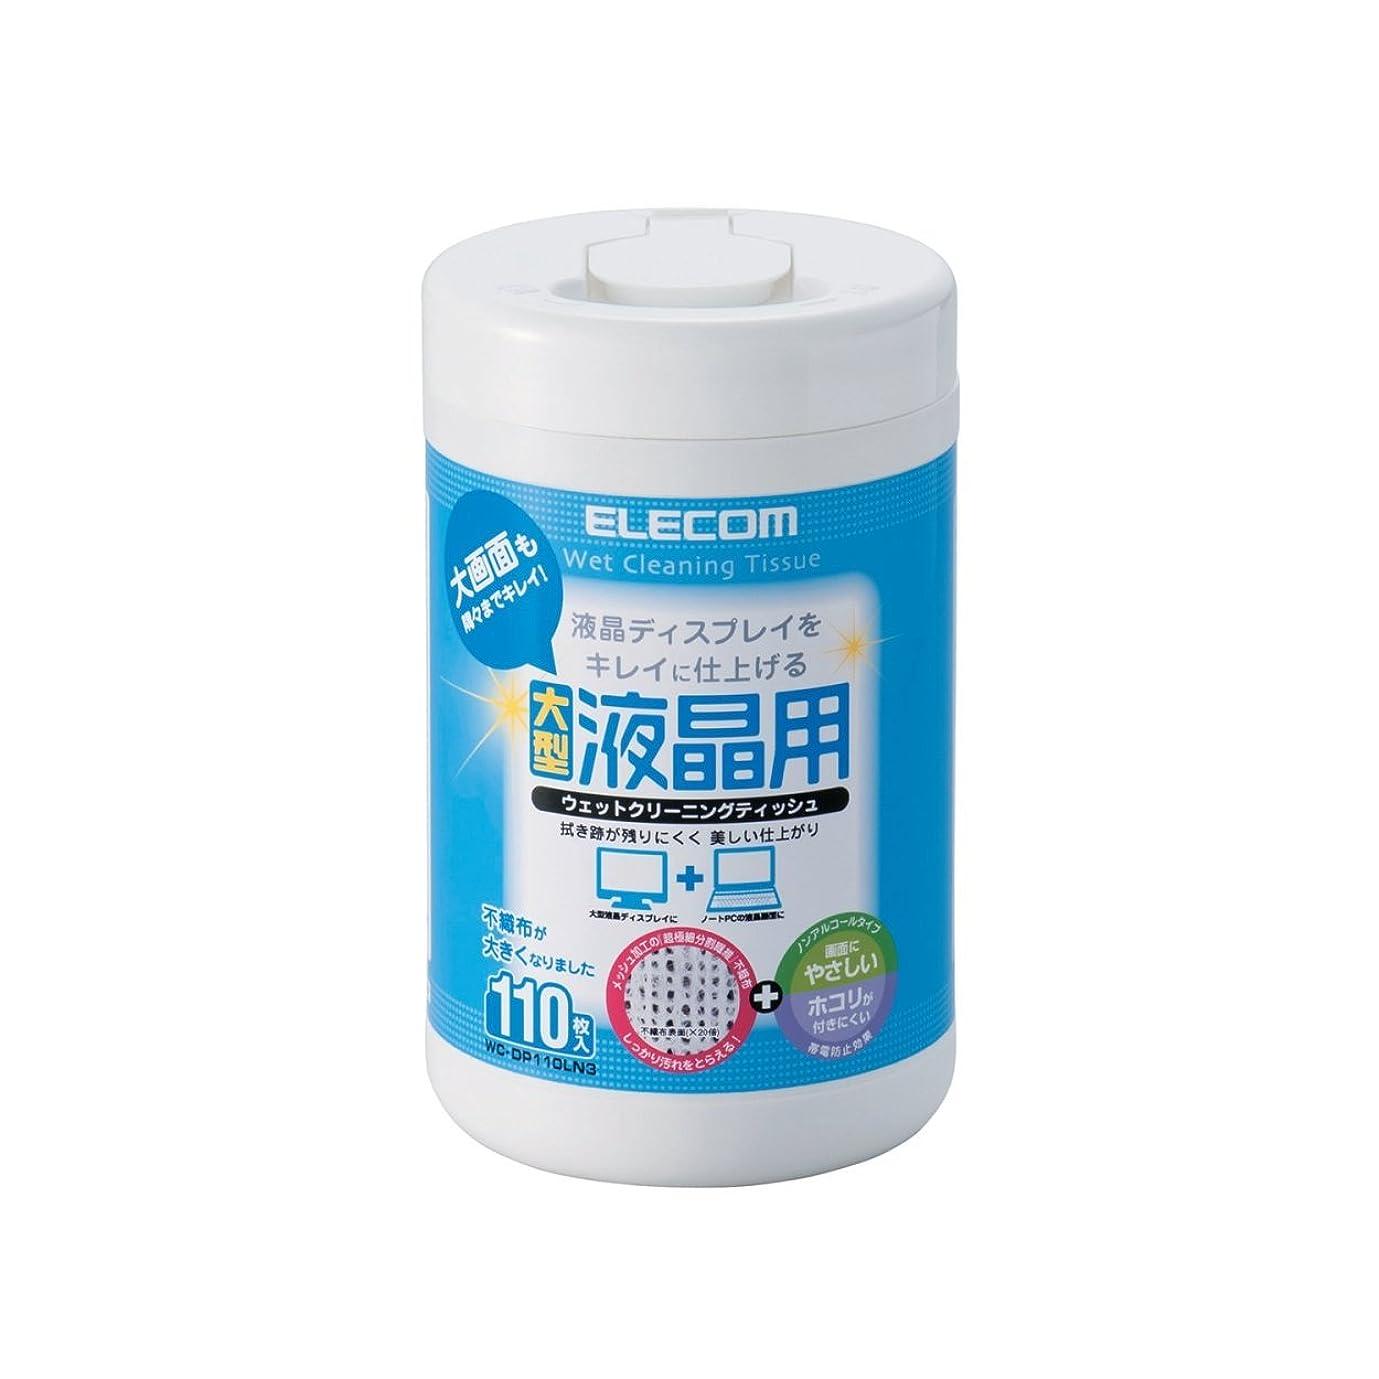 偽善マガジン収束するプラス プリット 強力瞬間接着剤 パワージェル 4g ゼリー状 多用途タイプ 29-761